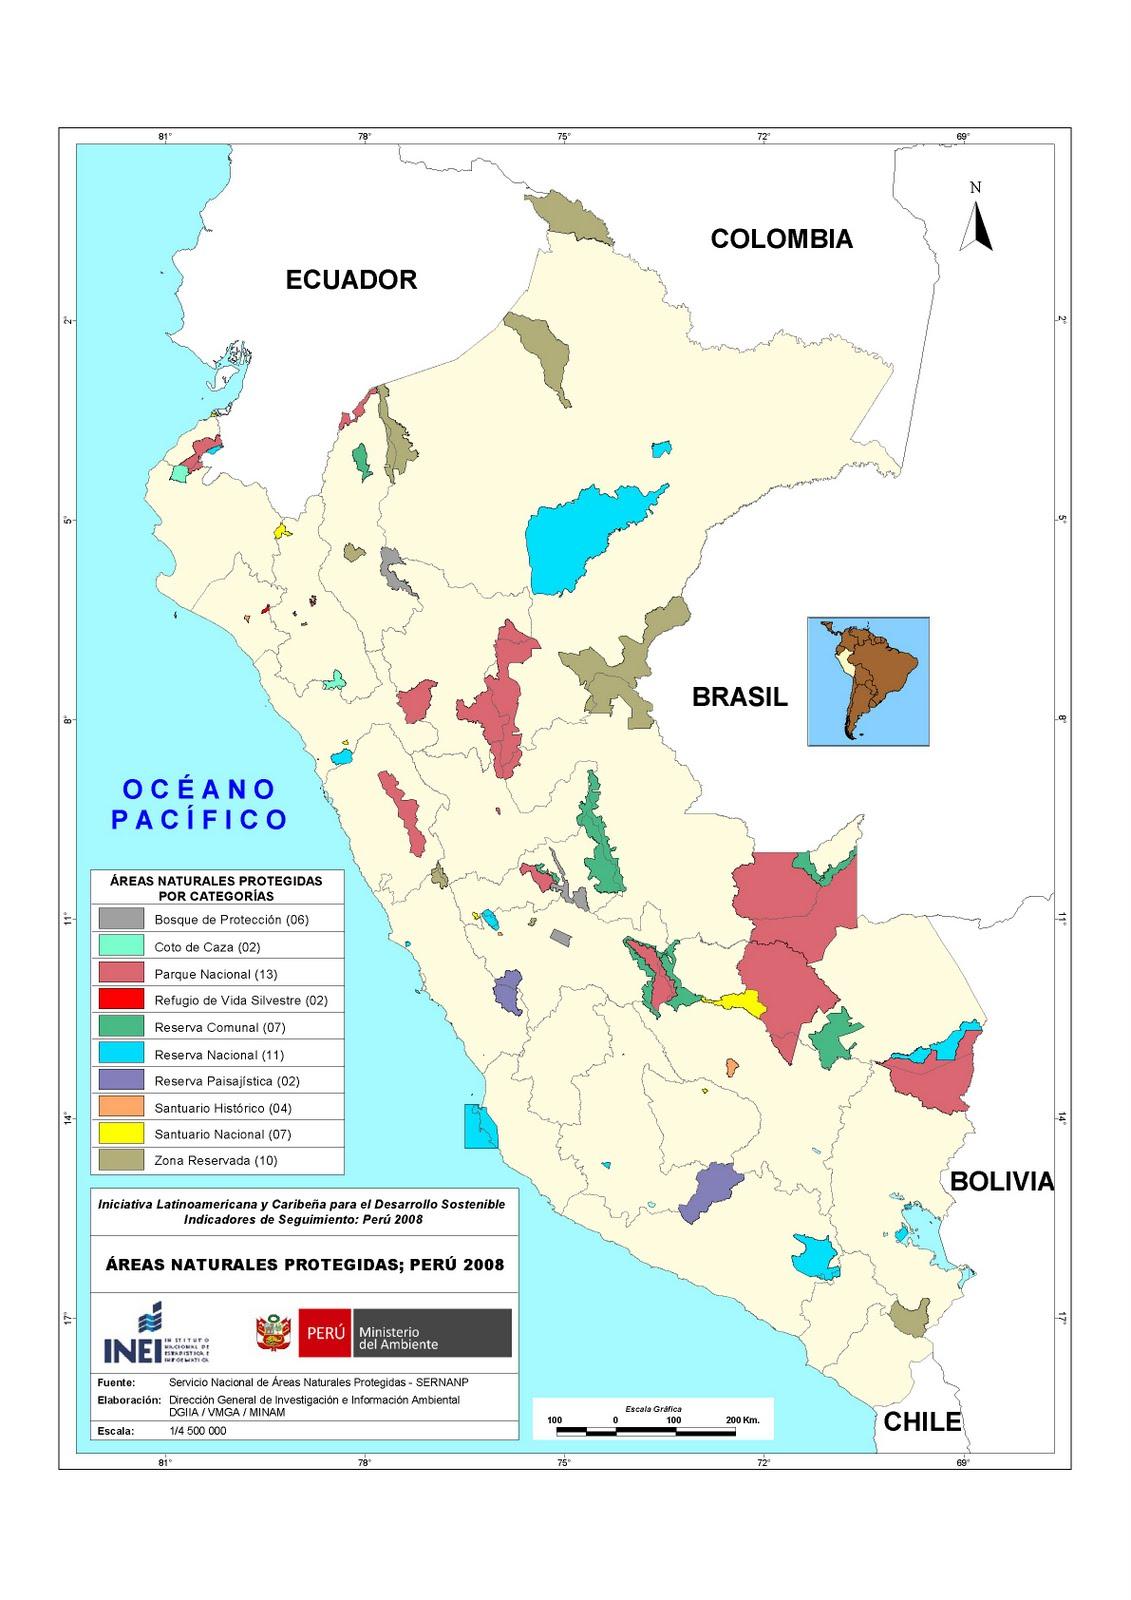 Mapa de la Areas Naturales Protegidas en Peru